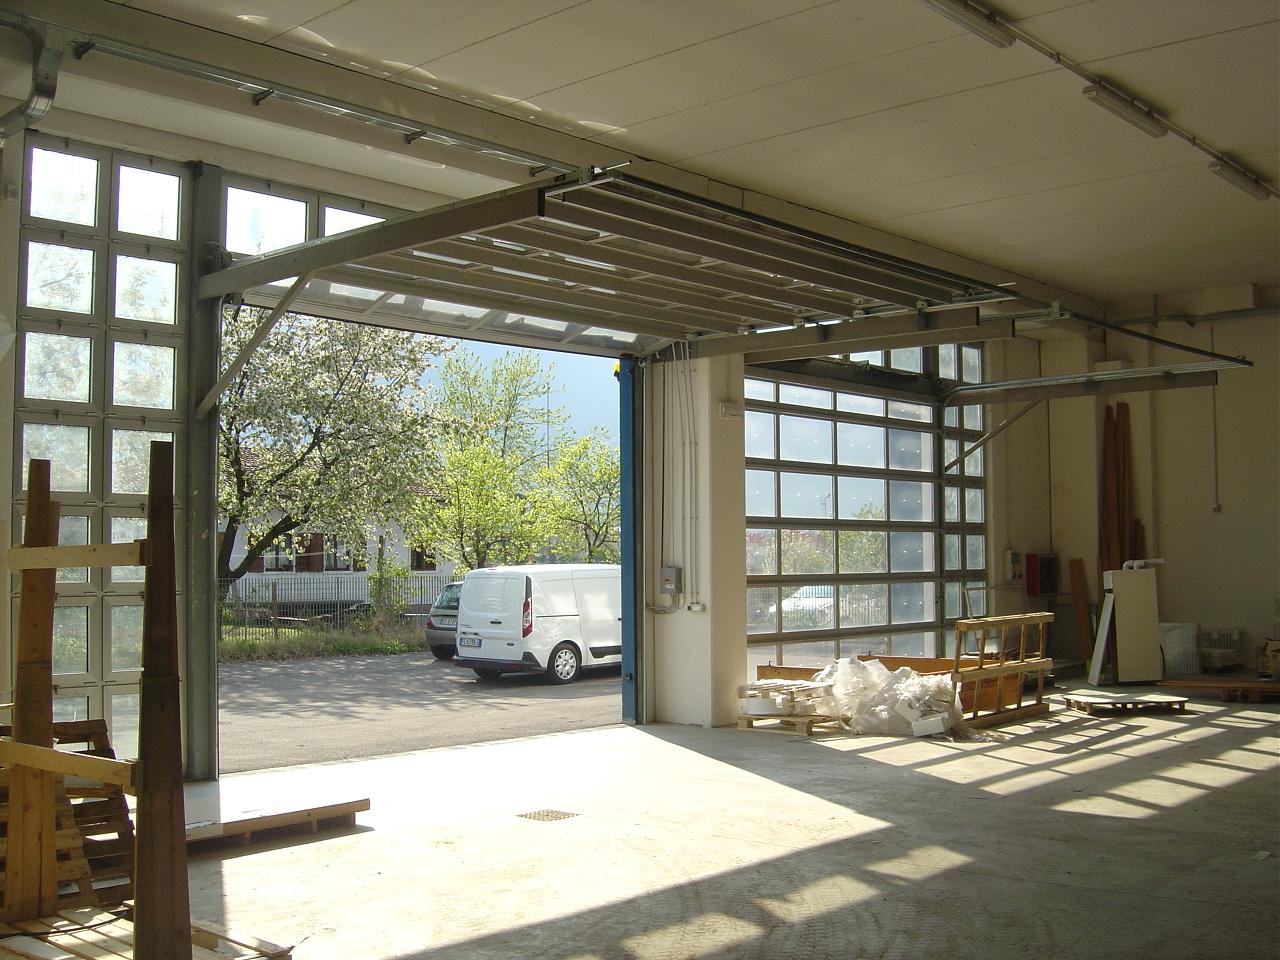 Laboratorio in vendita a Arco, 9999 locali, Trattative riservate | CambioCasa.it